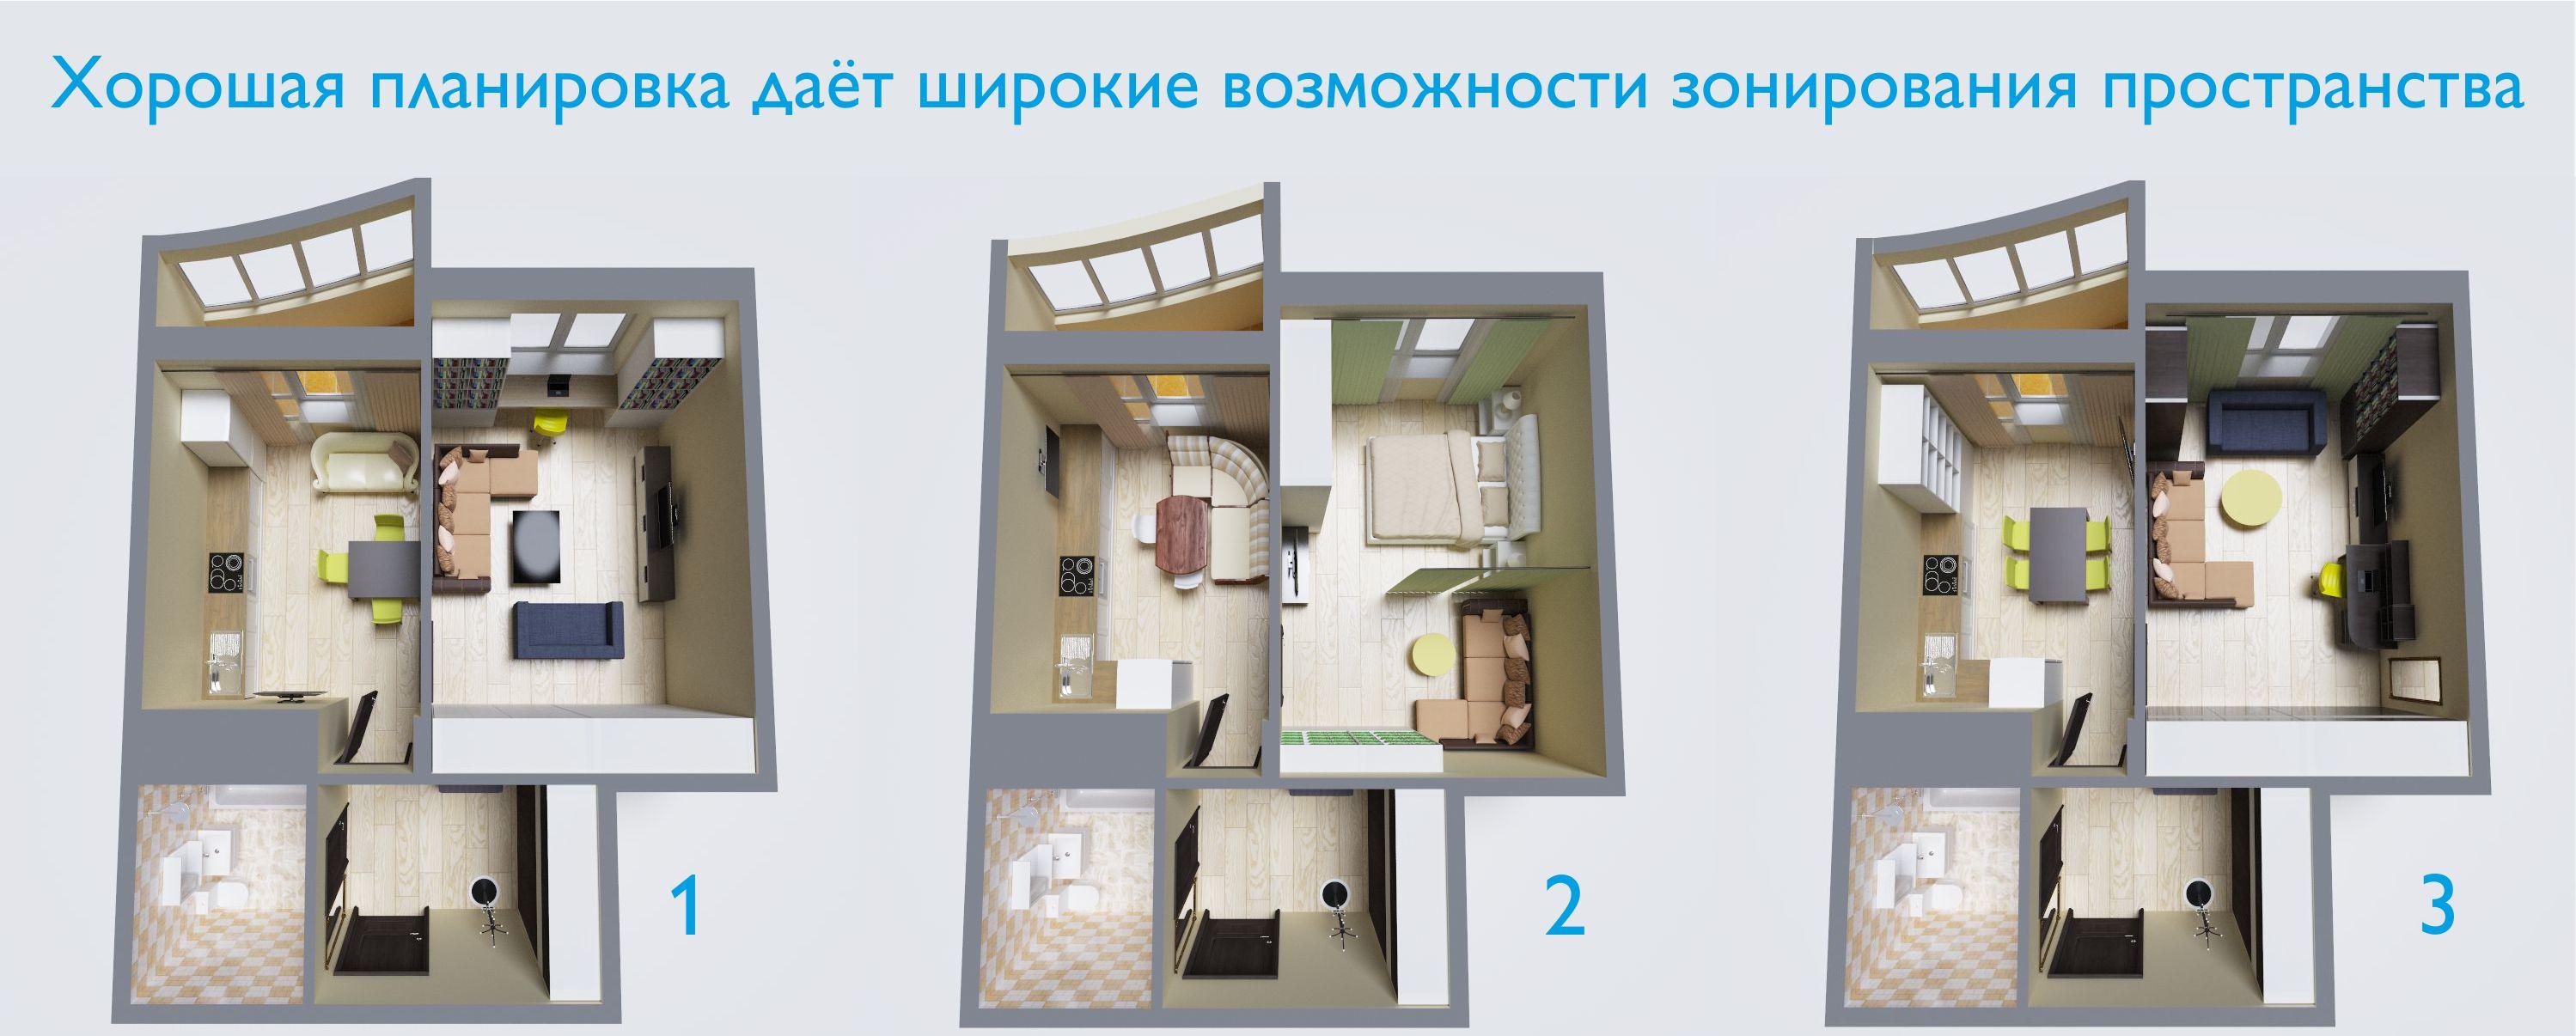 Покупка квартиры в недостроенном доме